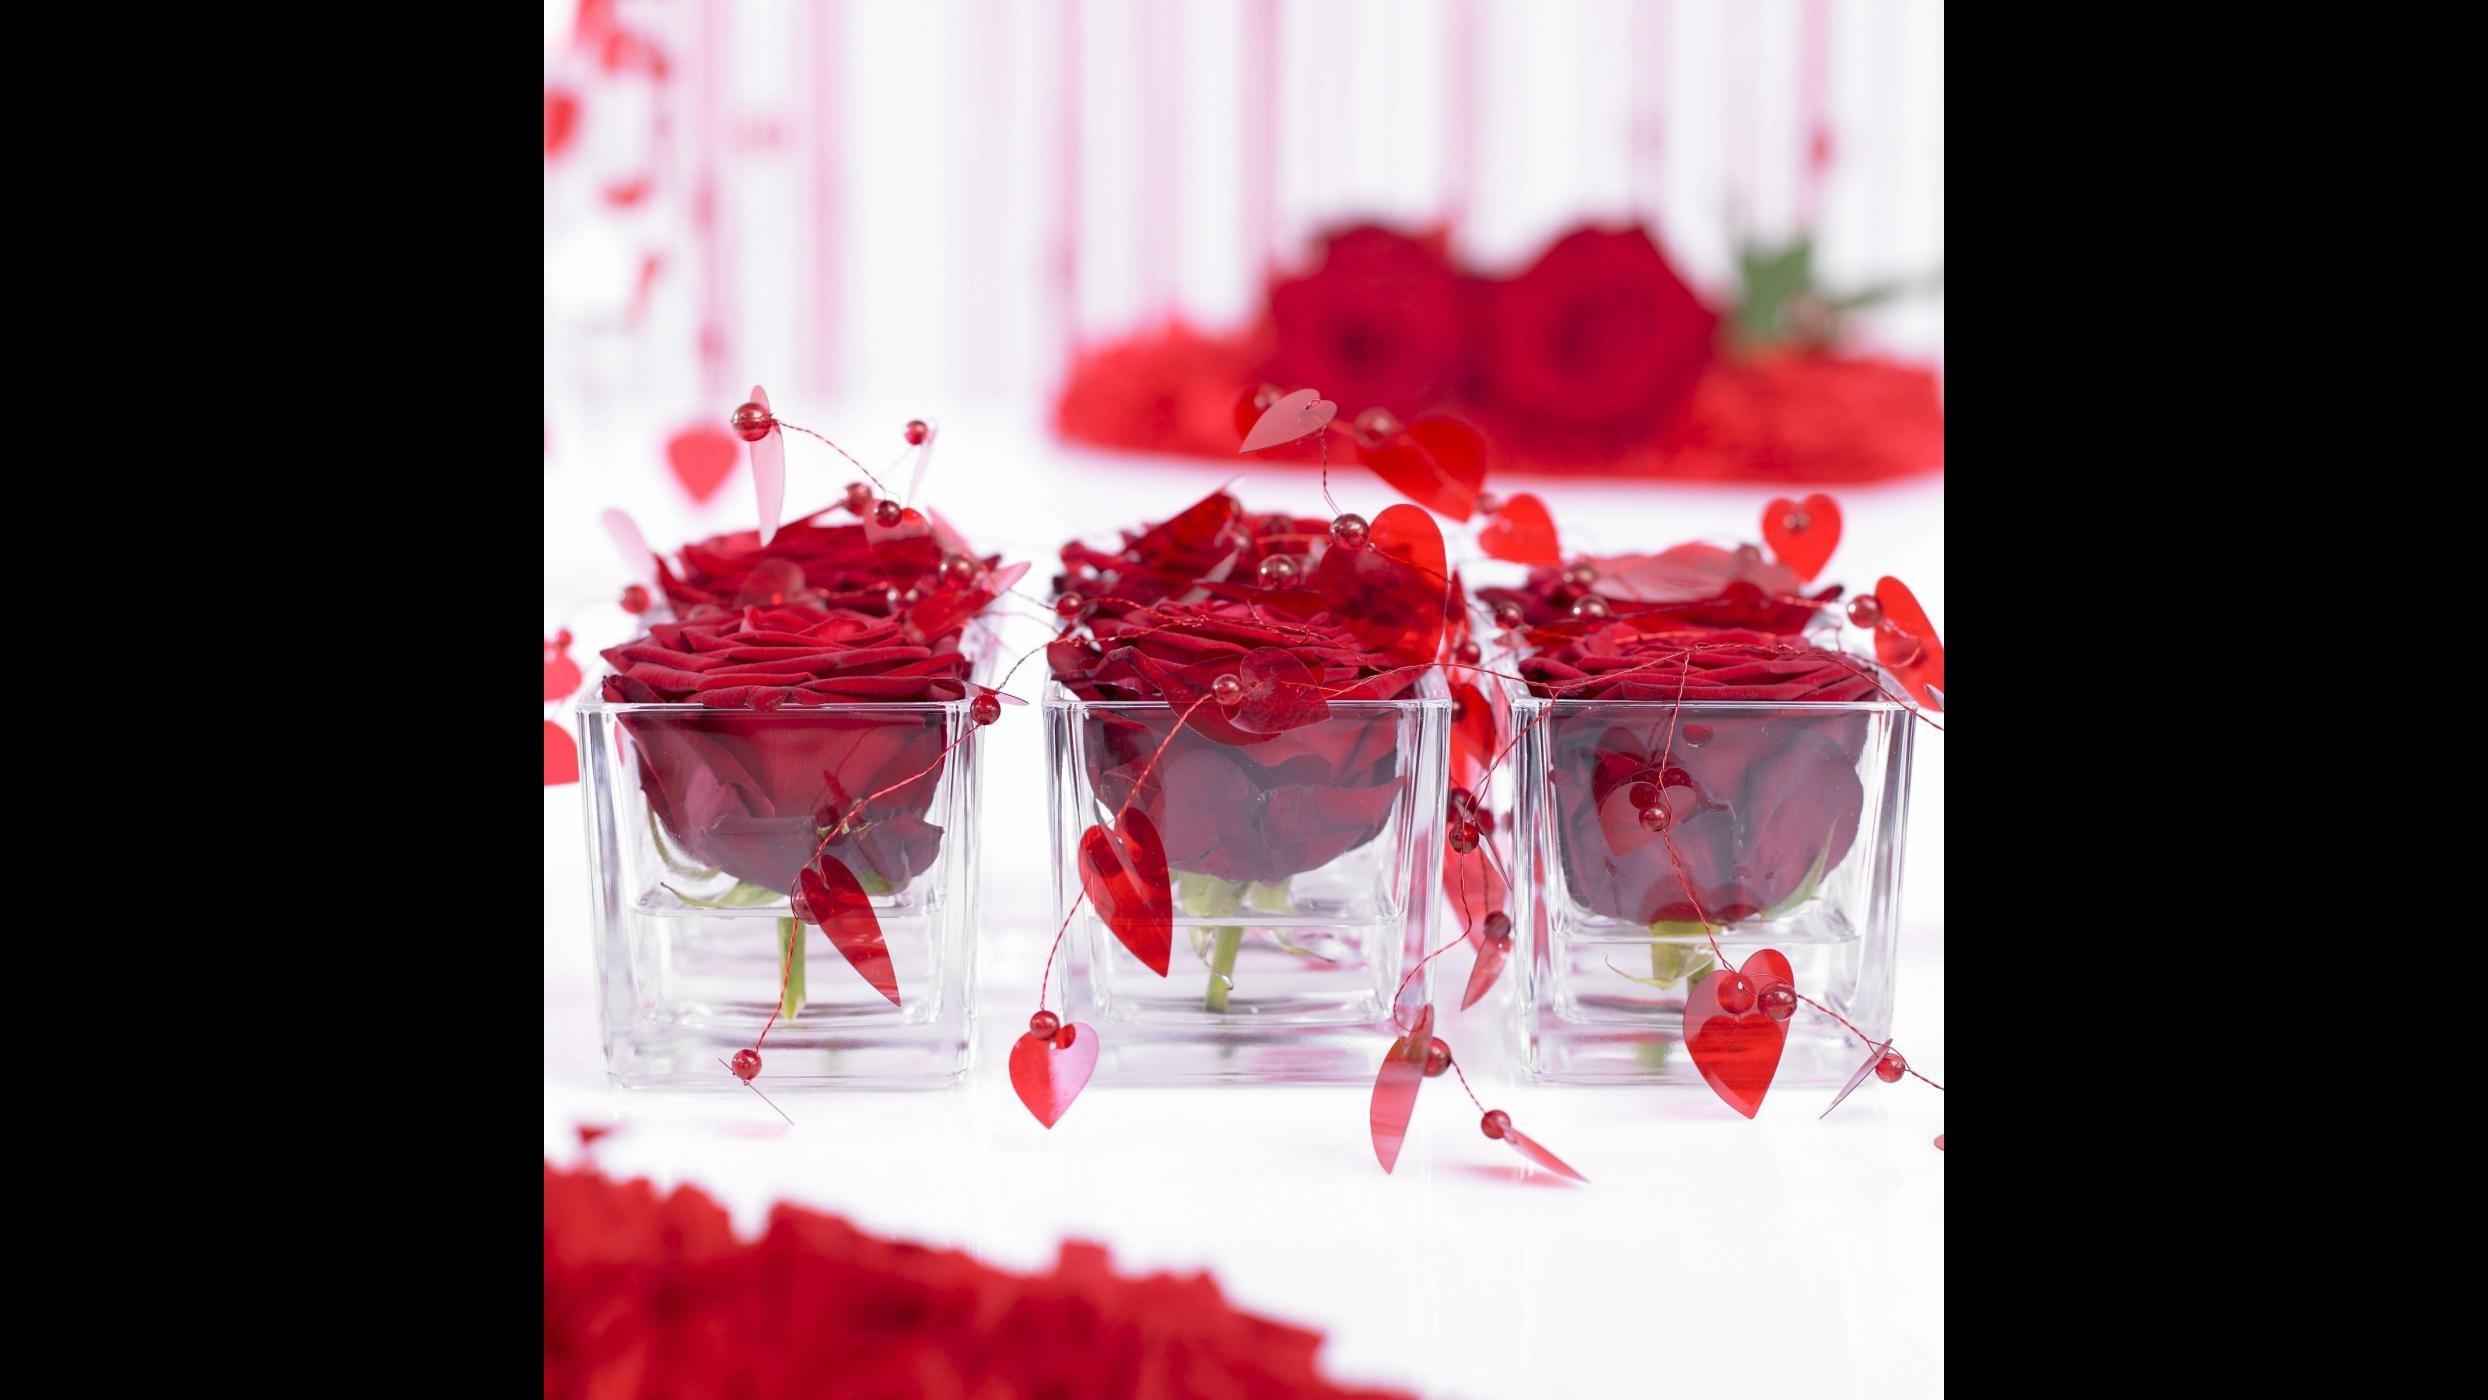 San Valentino, lo sfruttamento in Kenya dietro rose vendute in Europa